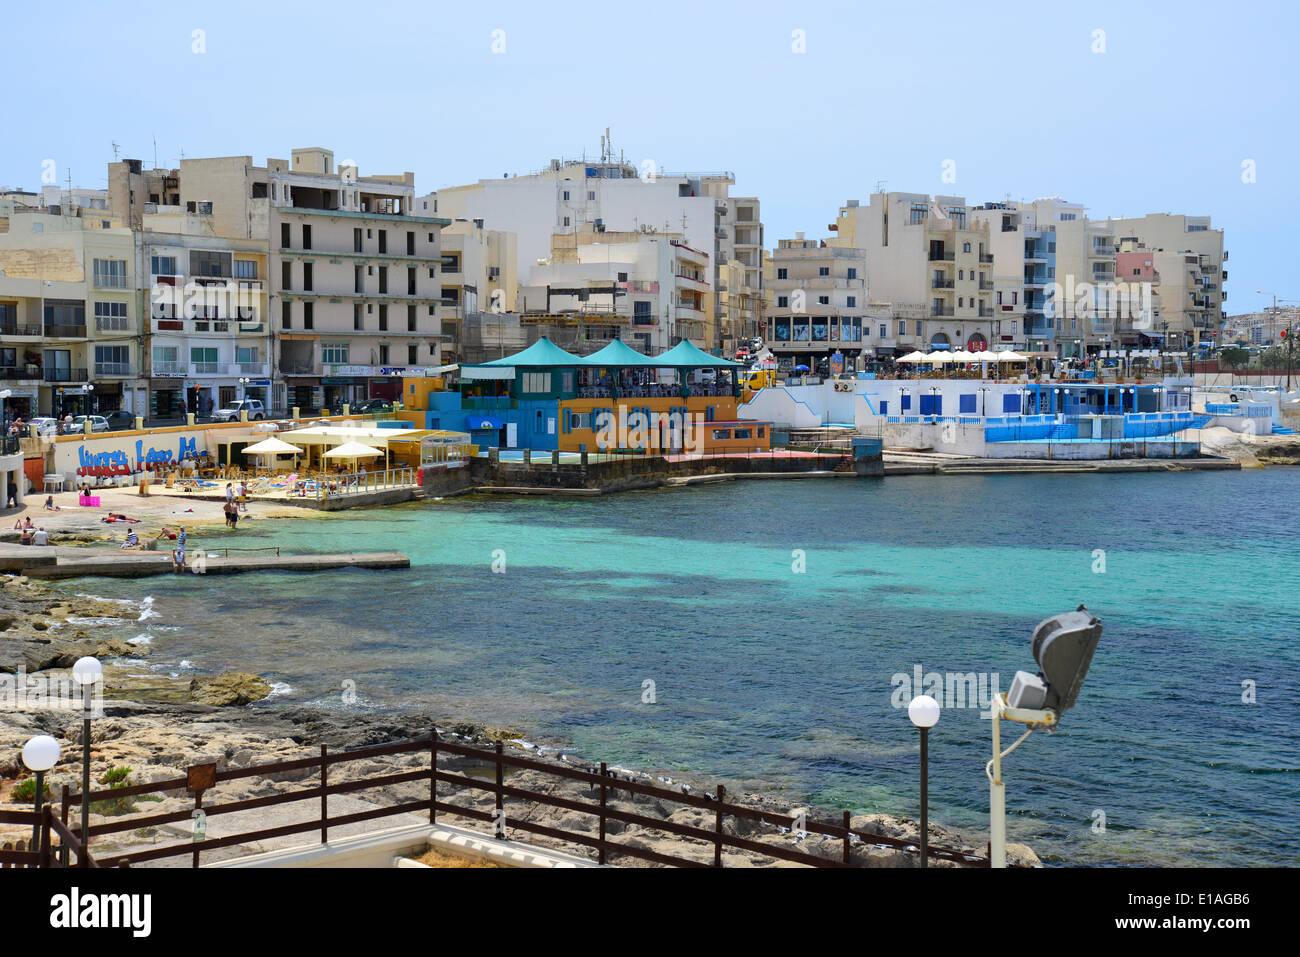 Seafront promenade, Buġibba, Saint Paul's Bay (San Pawl il-Baħar), Northern District, Republic of Malta Stock Photo